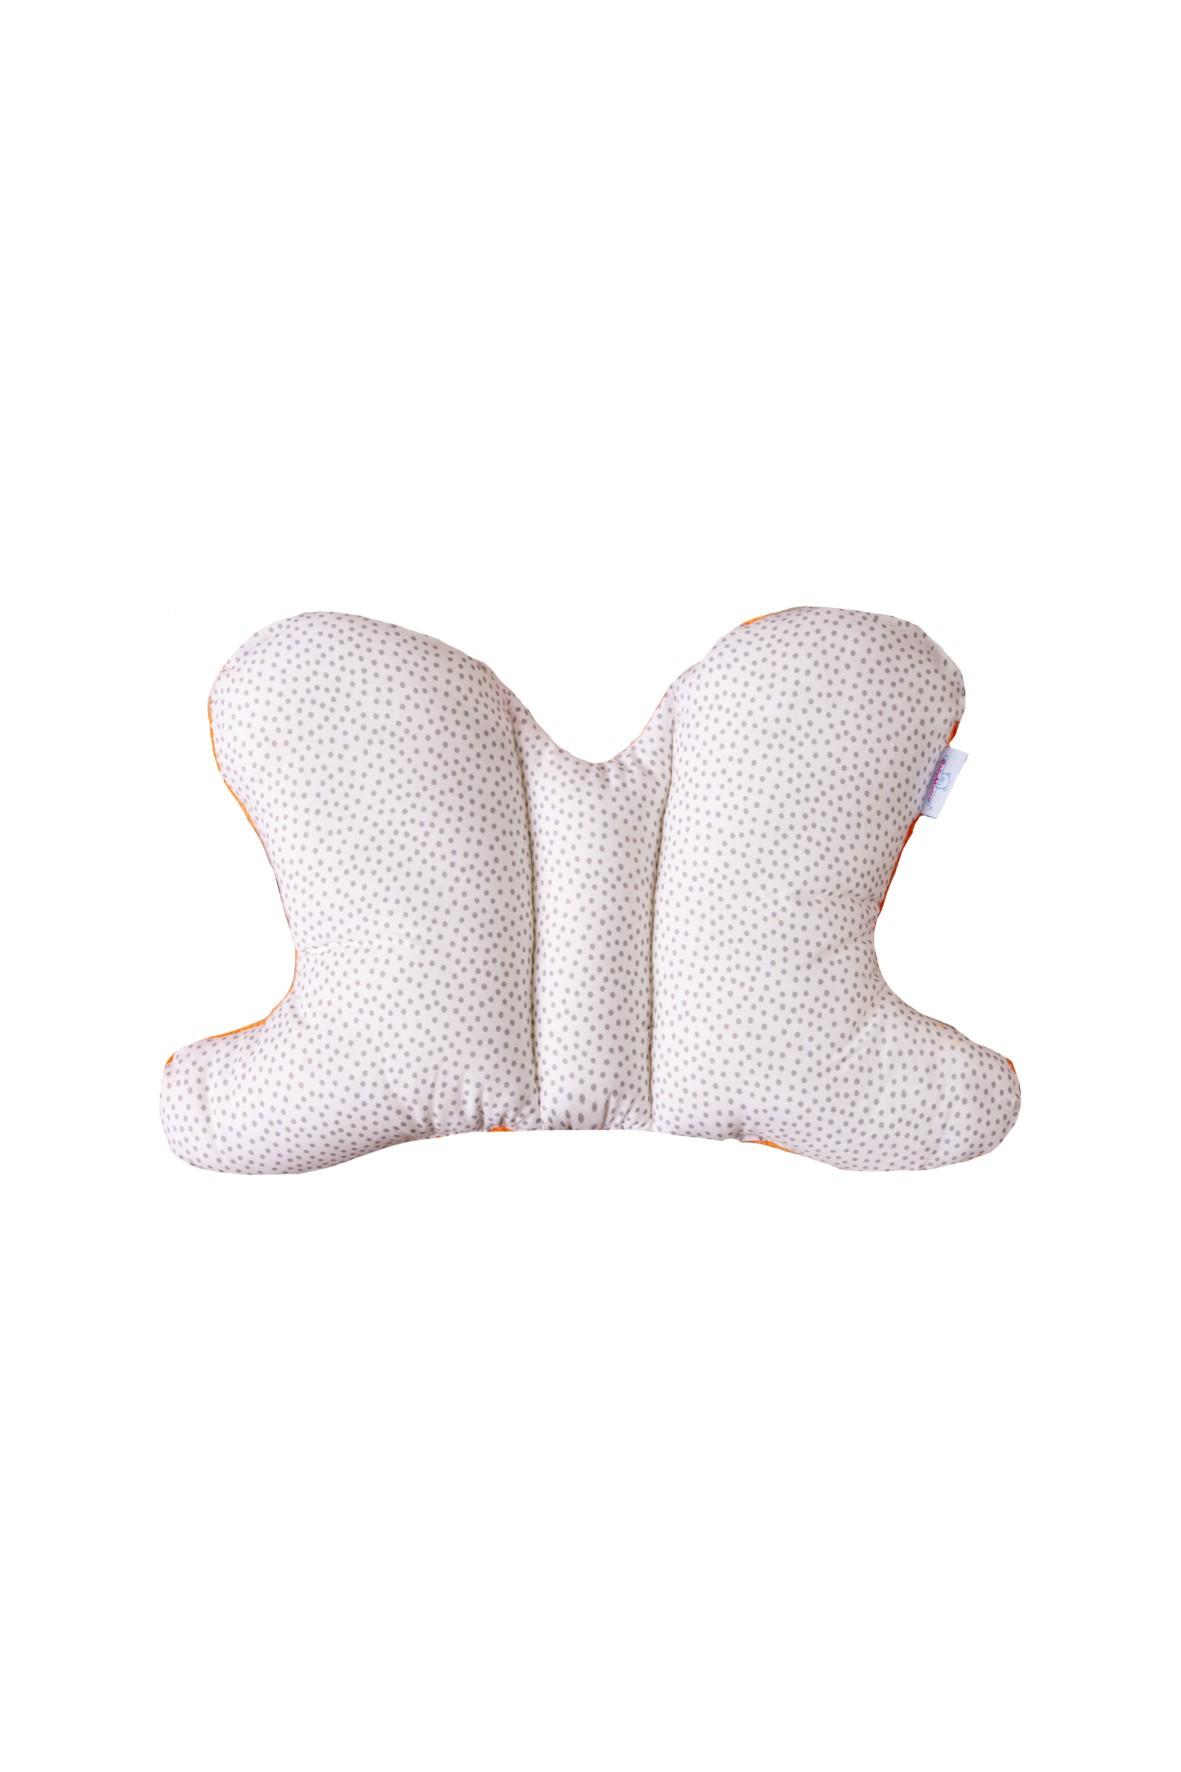 Poduszka pozycjonująca motylek- biała z kropki